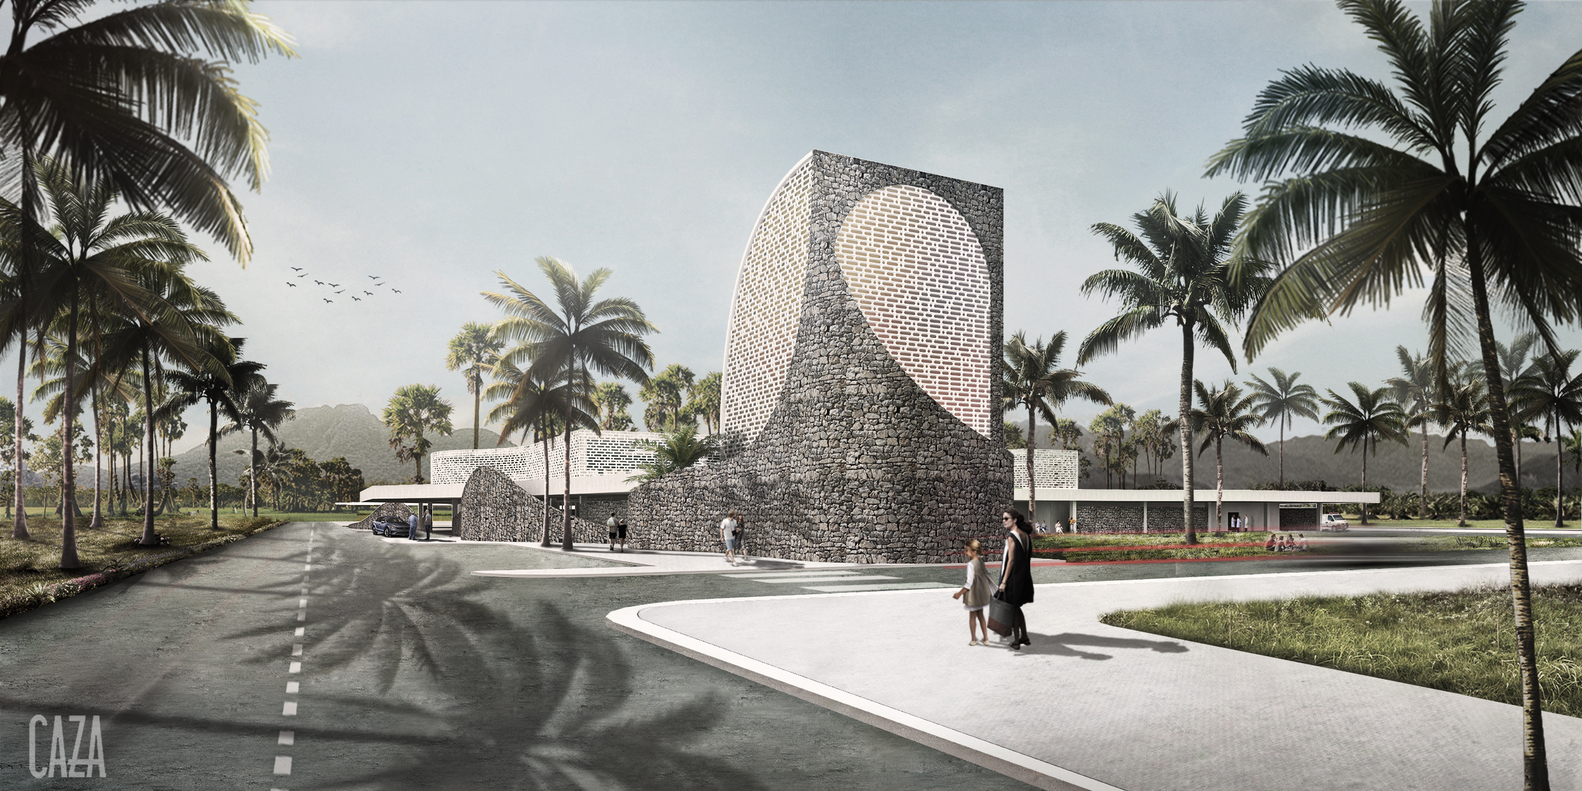 CAZA dévoile ses plans pour leur prototype d'hôpital